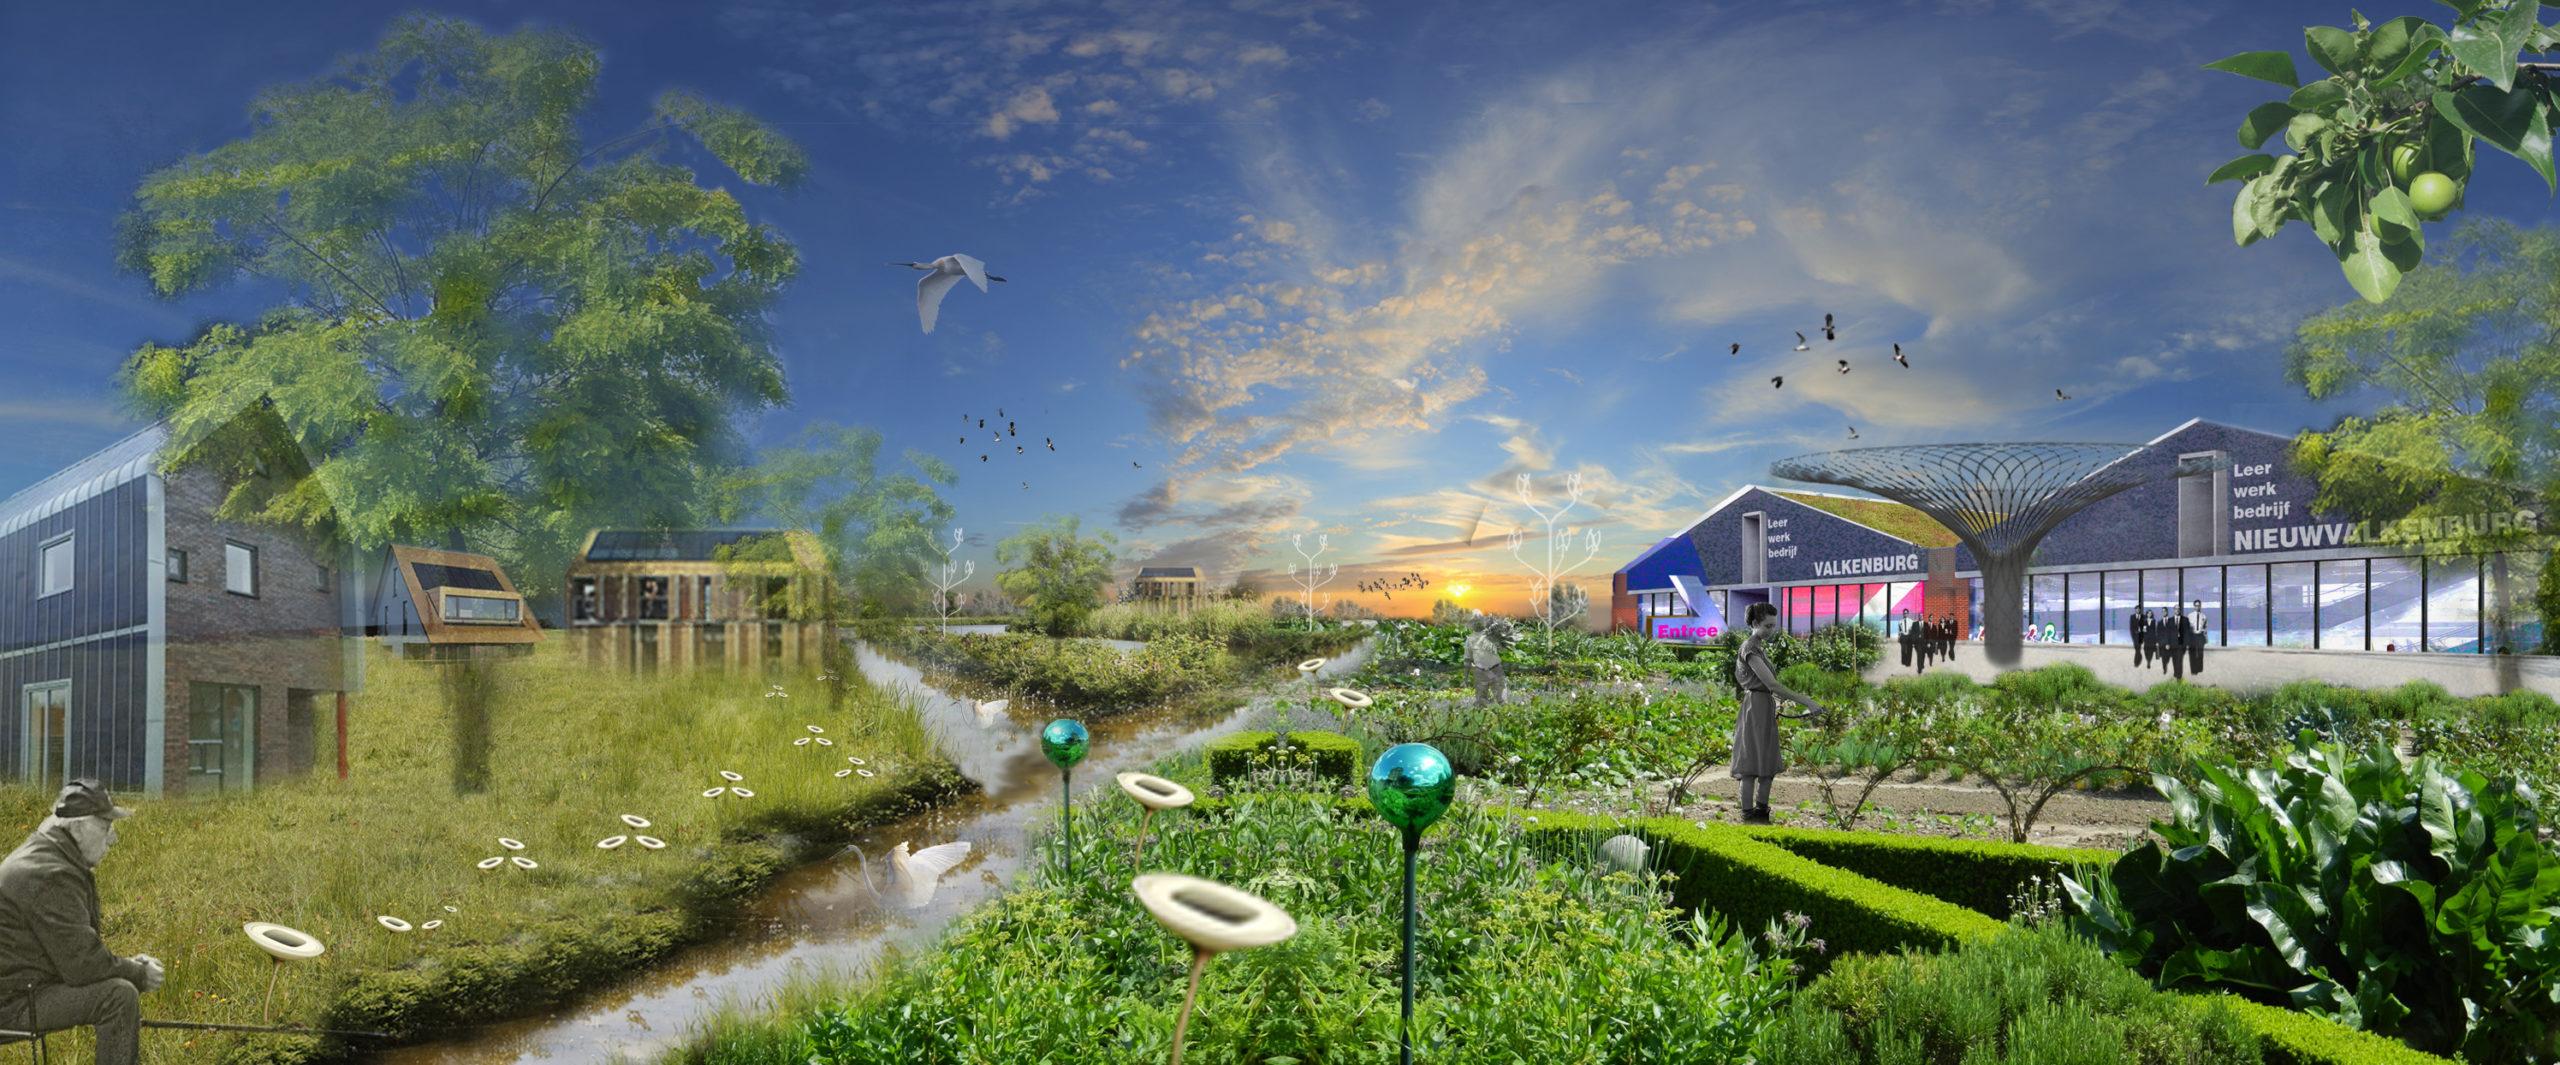 Duurzame openbare ruimte